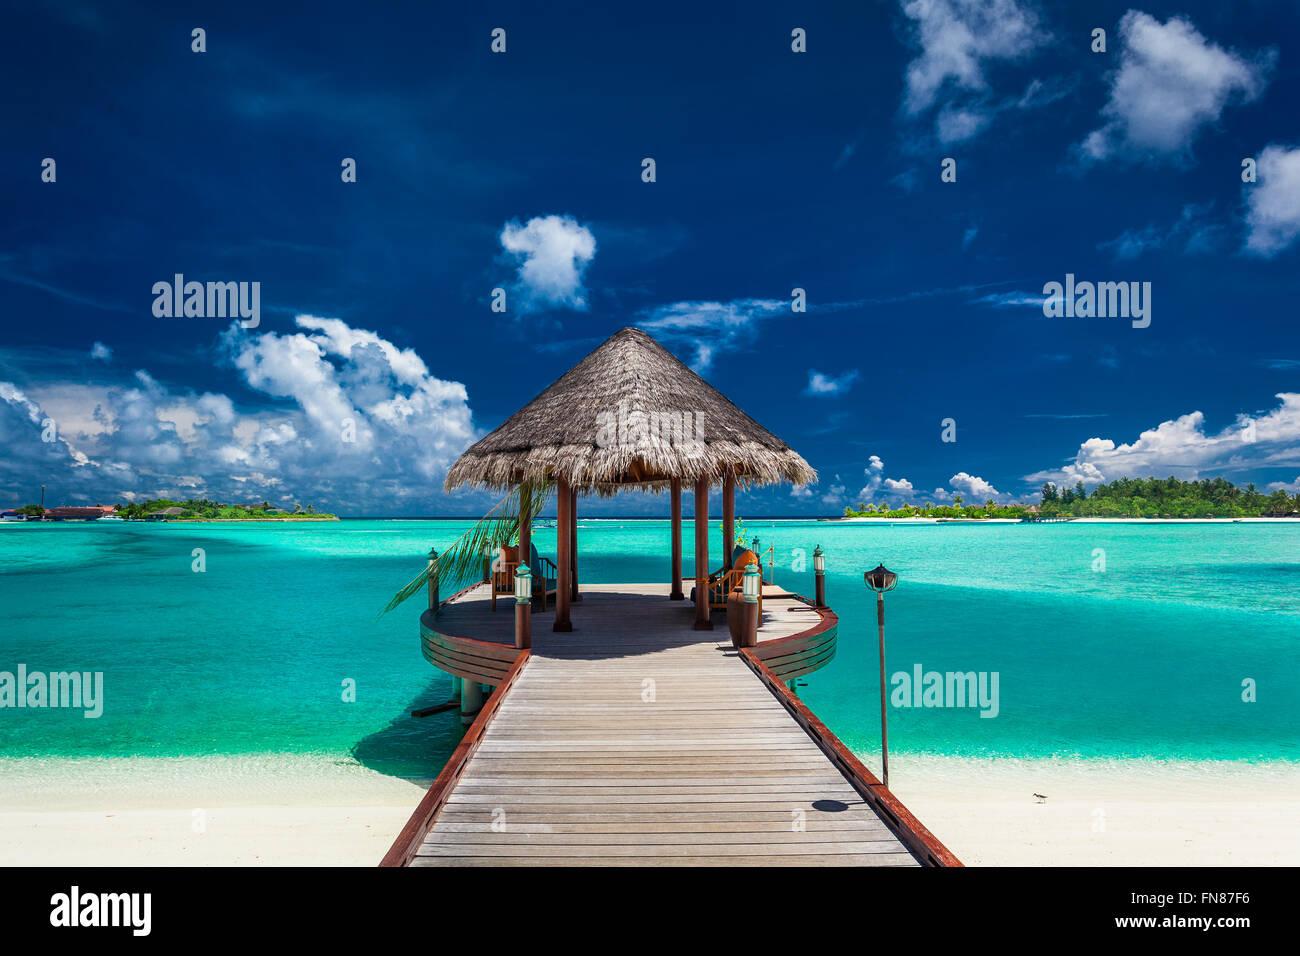 Barca tradizionale jetty in un resort di lusso delle Maldive, Oceano Indiano Immagini Stock